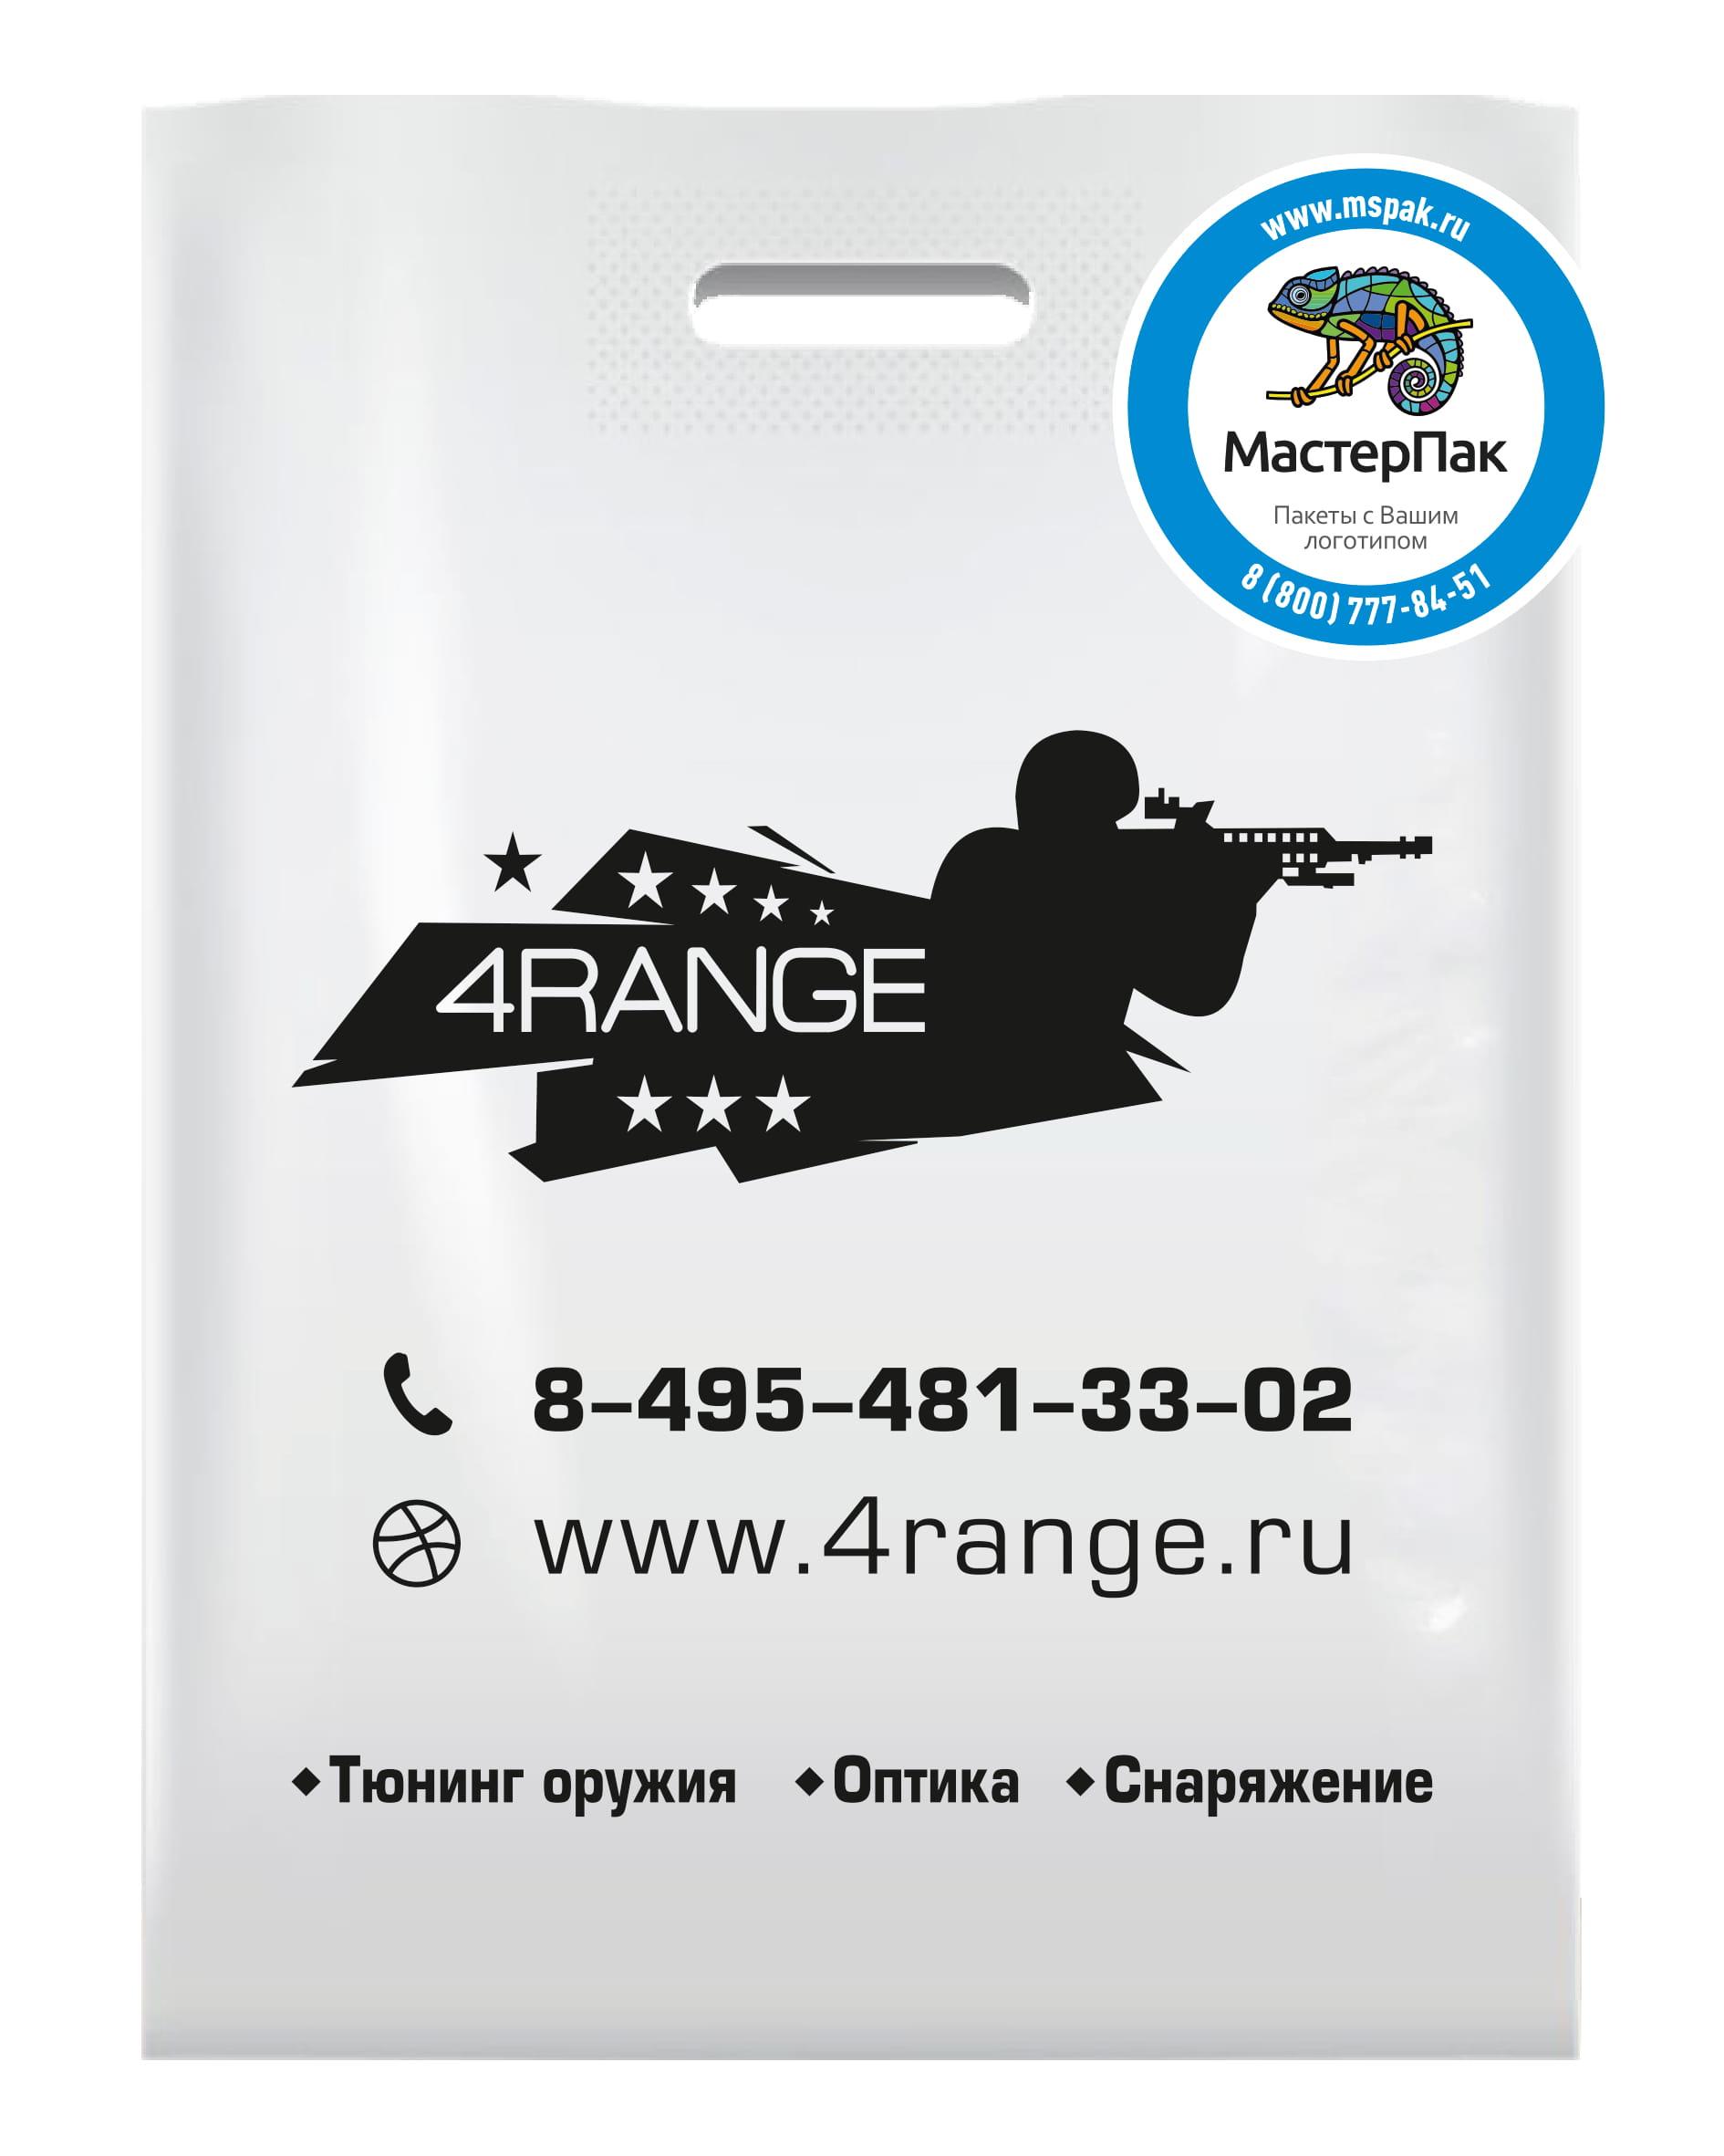 Пакет ПВД с вырубной ручкой и логотипом магазина 4range, Москва, 70 мкм